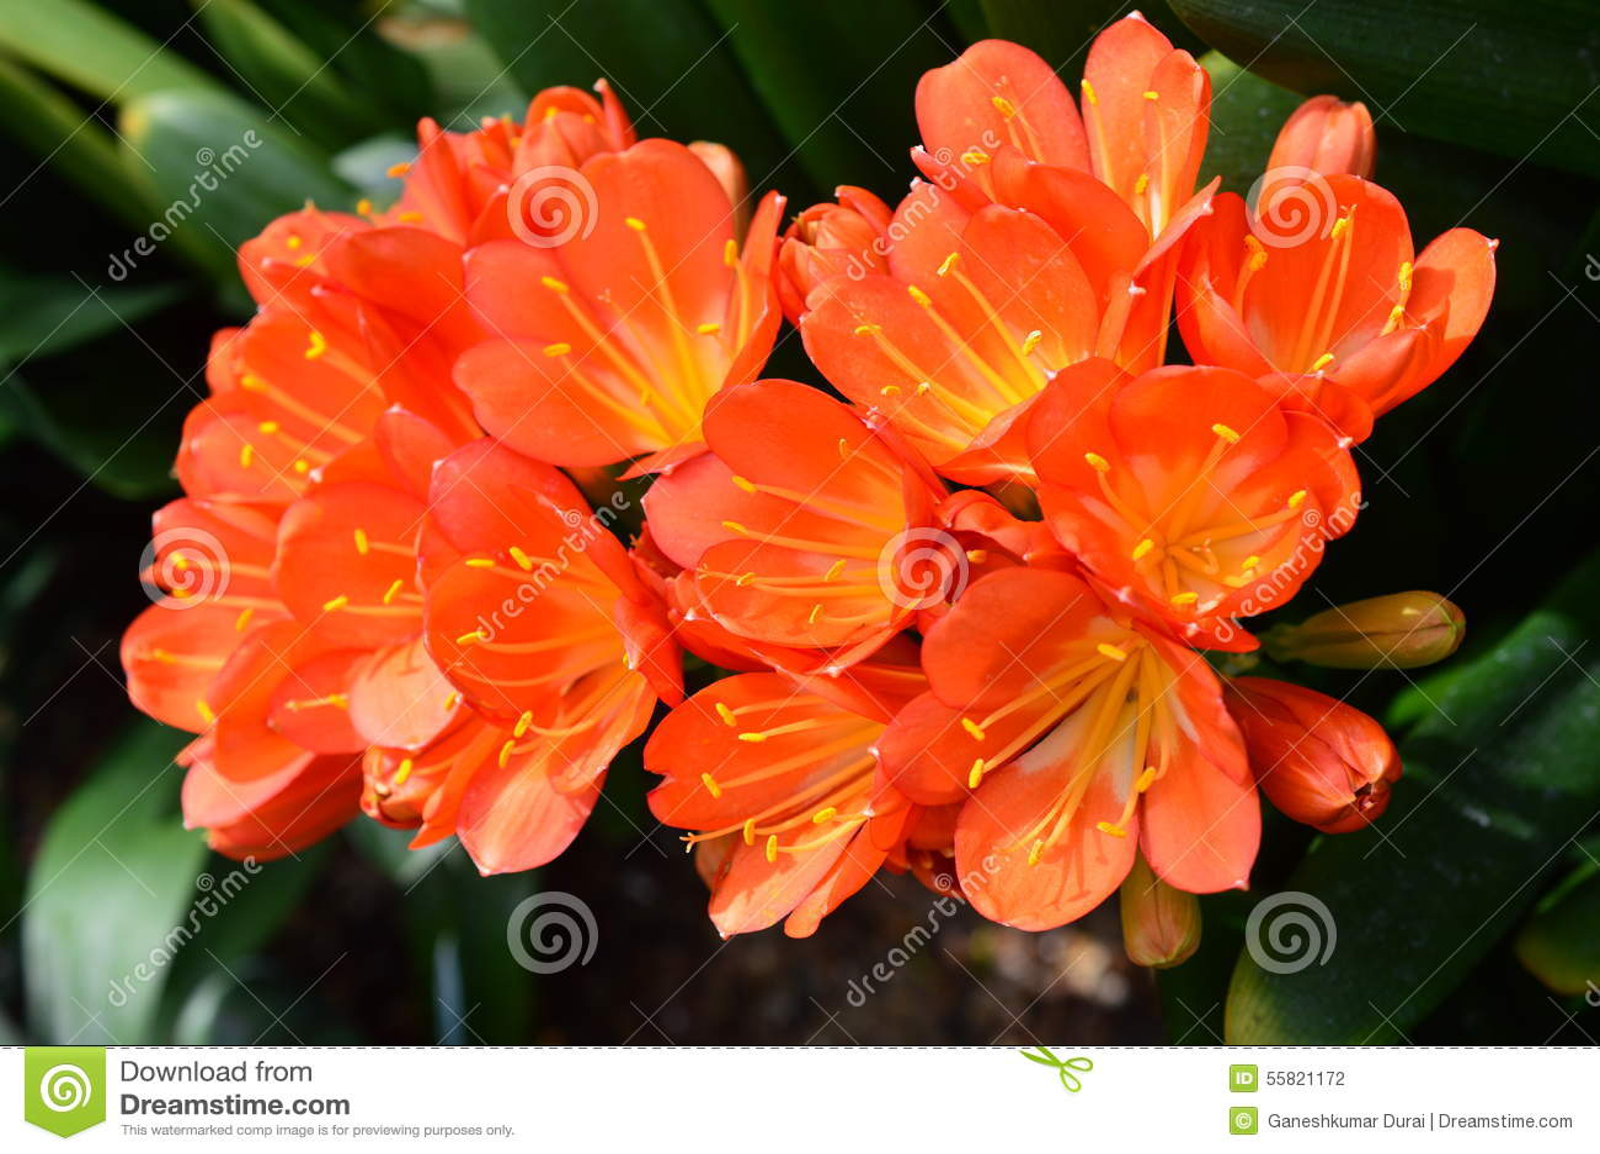 Chicago Botanic Garden Orchid Show